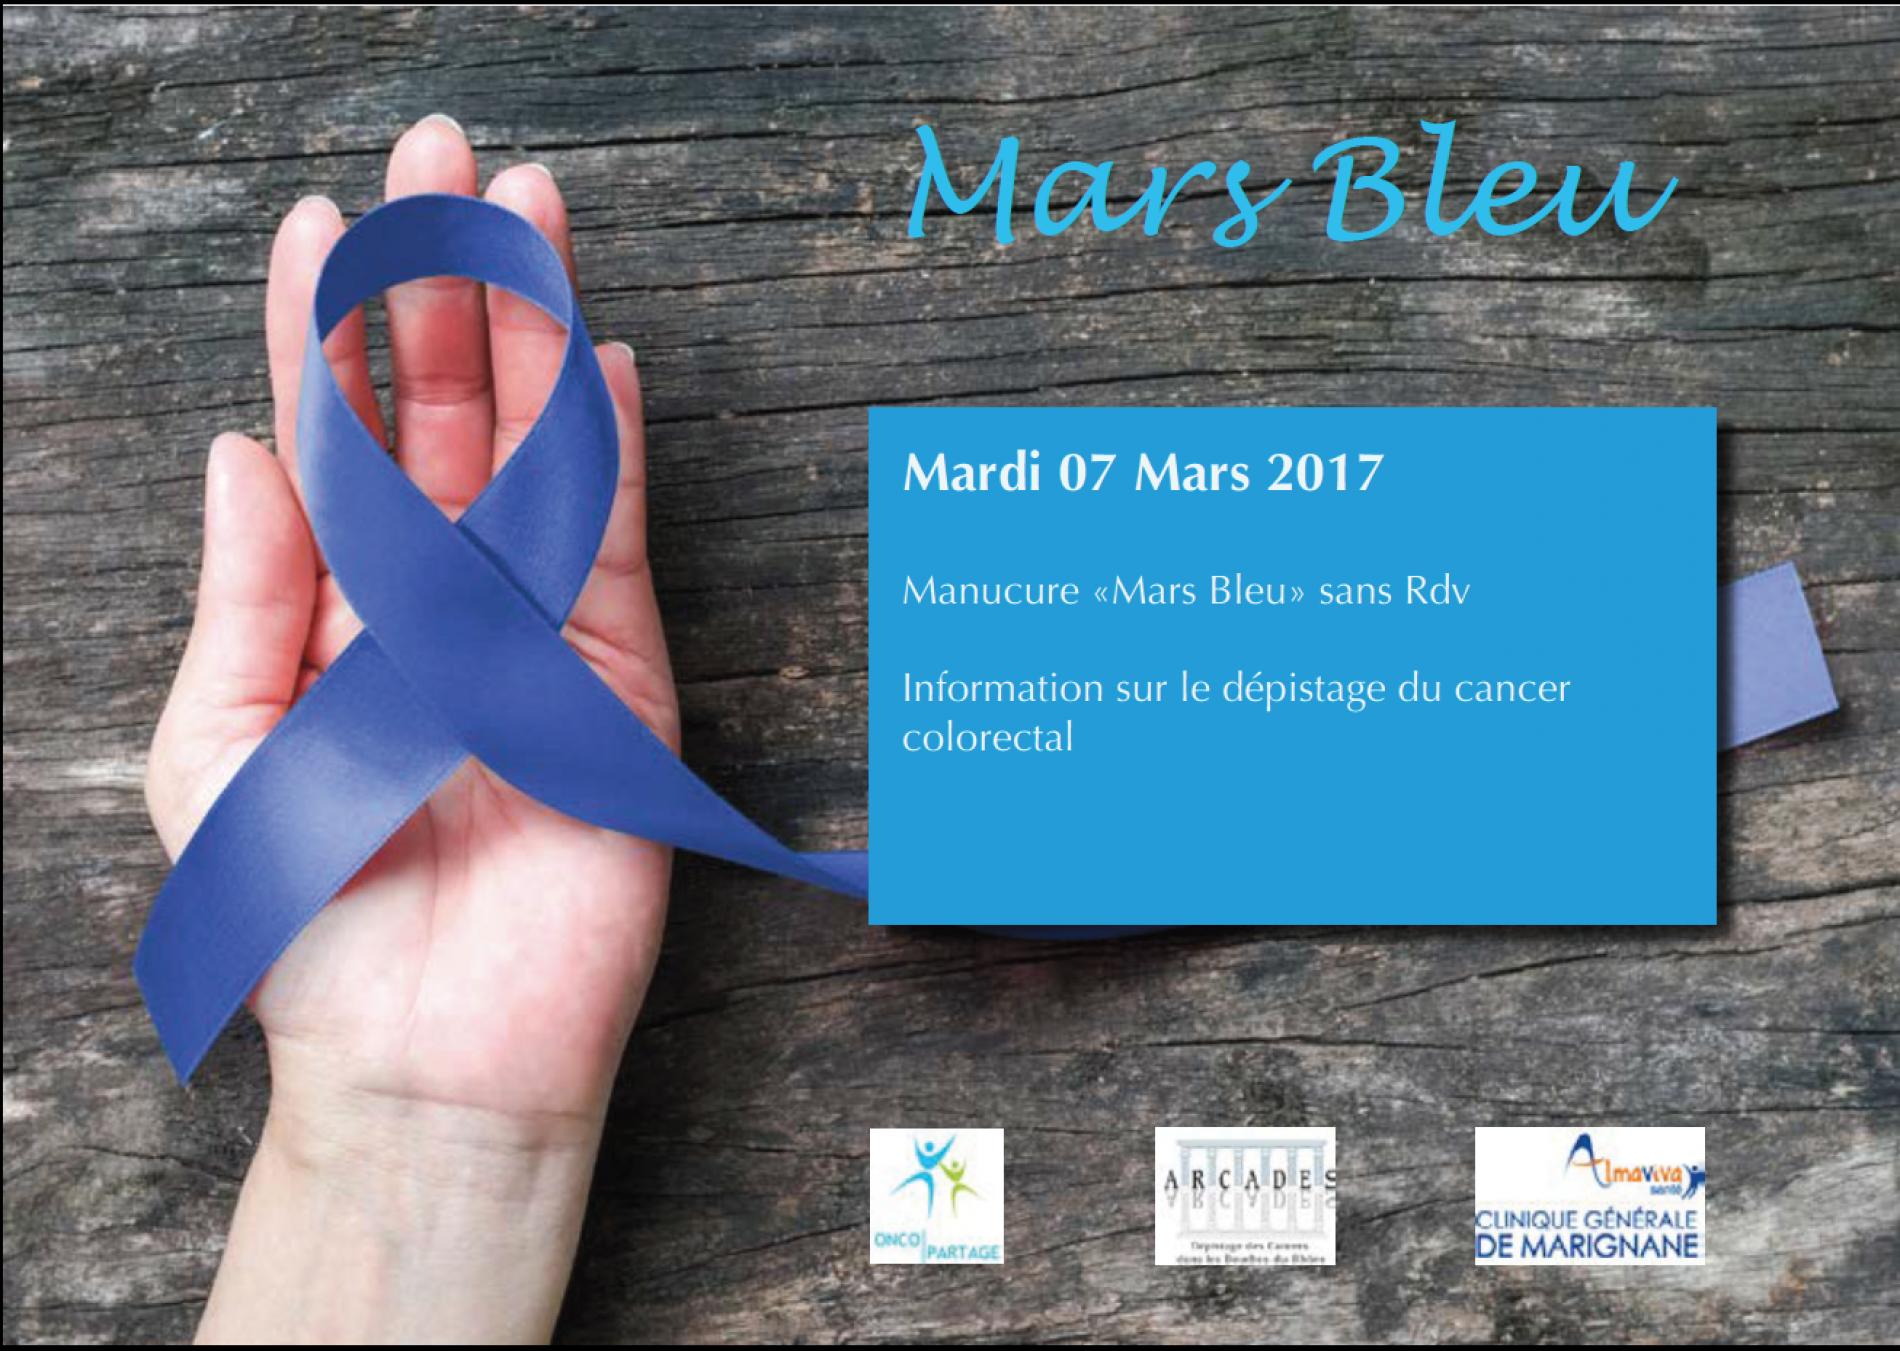 Mars Bleu - Dépistage du cancer colorectal